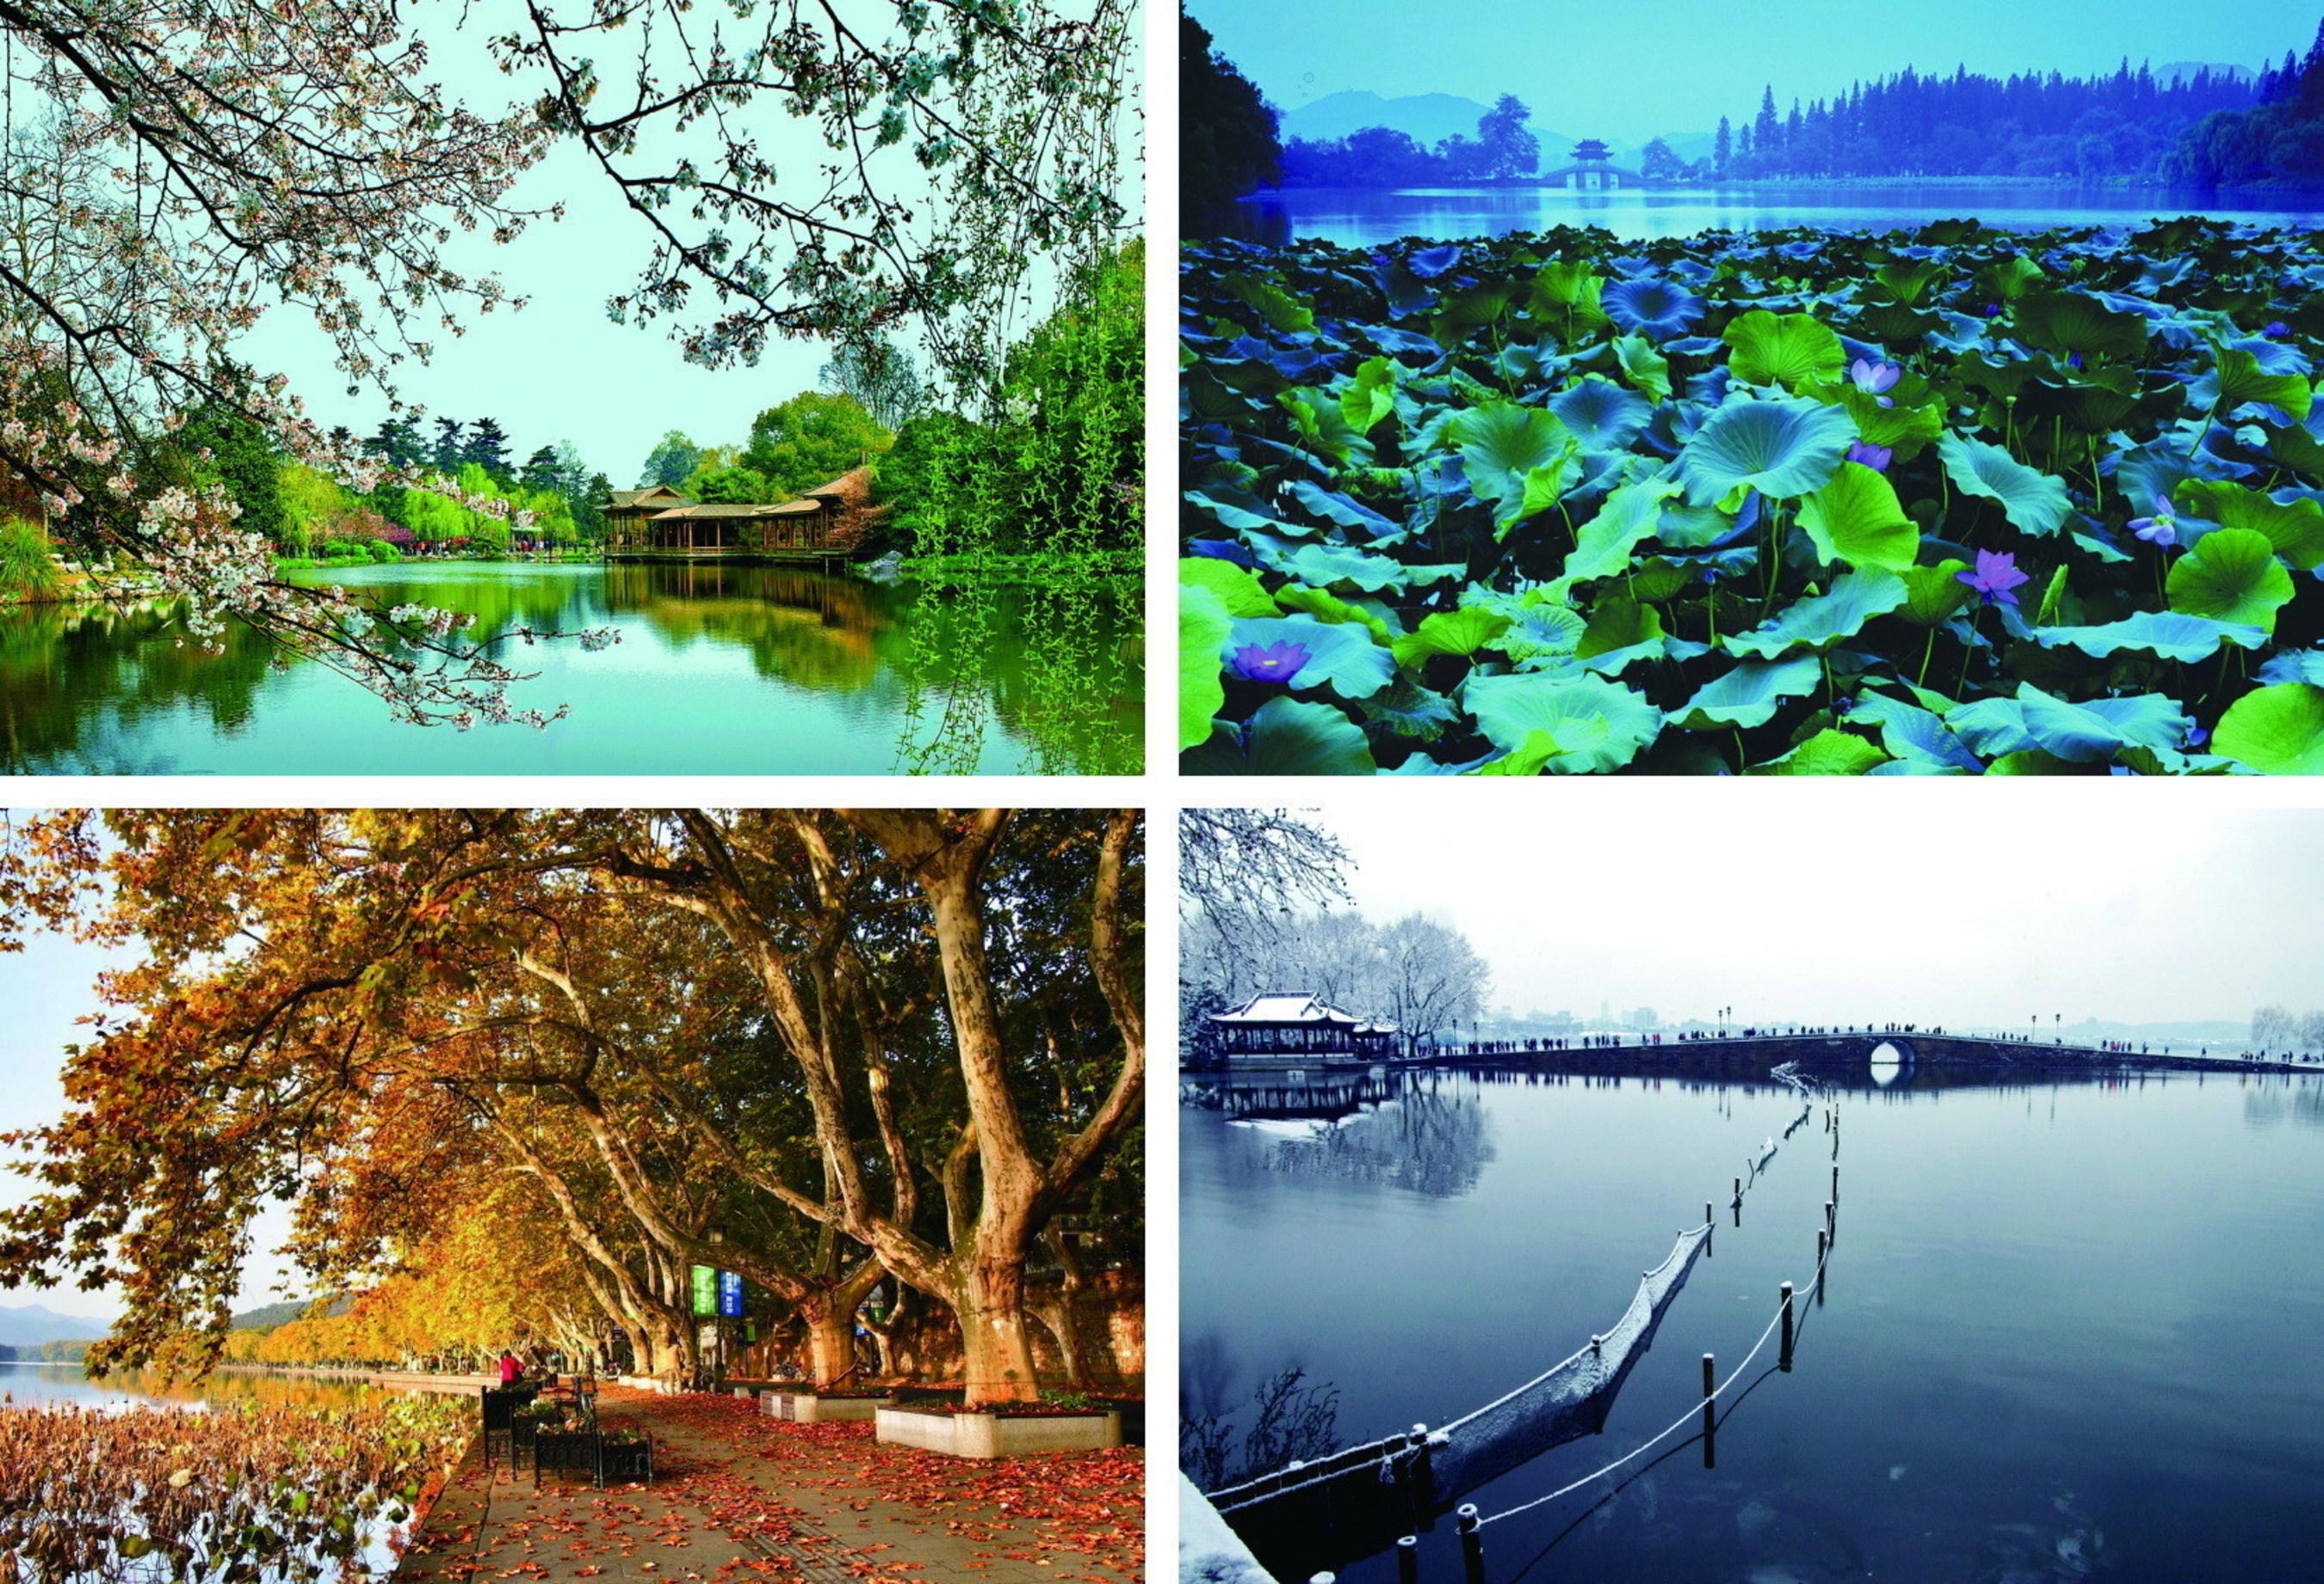 Diez años de proyectos verdes hacen que Zhejiang sea más hermosa